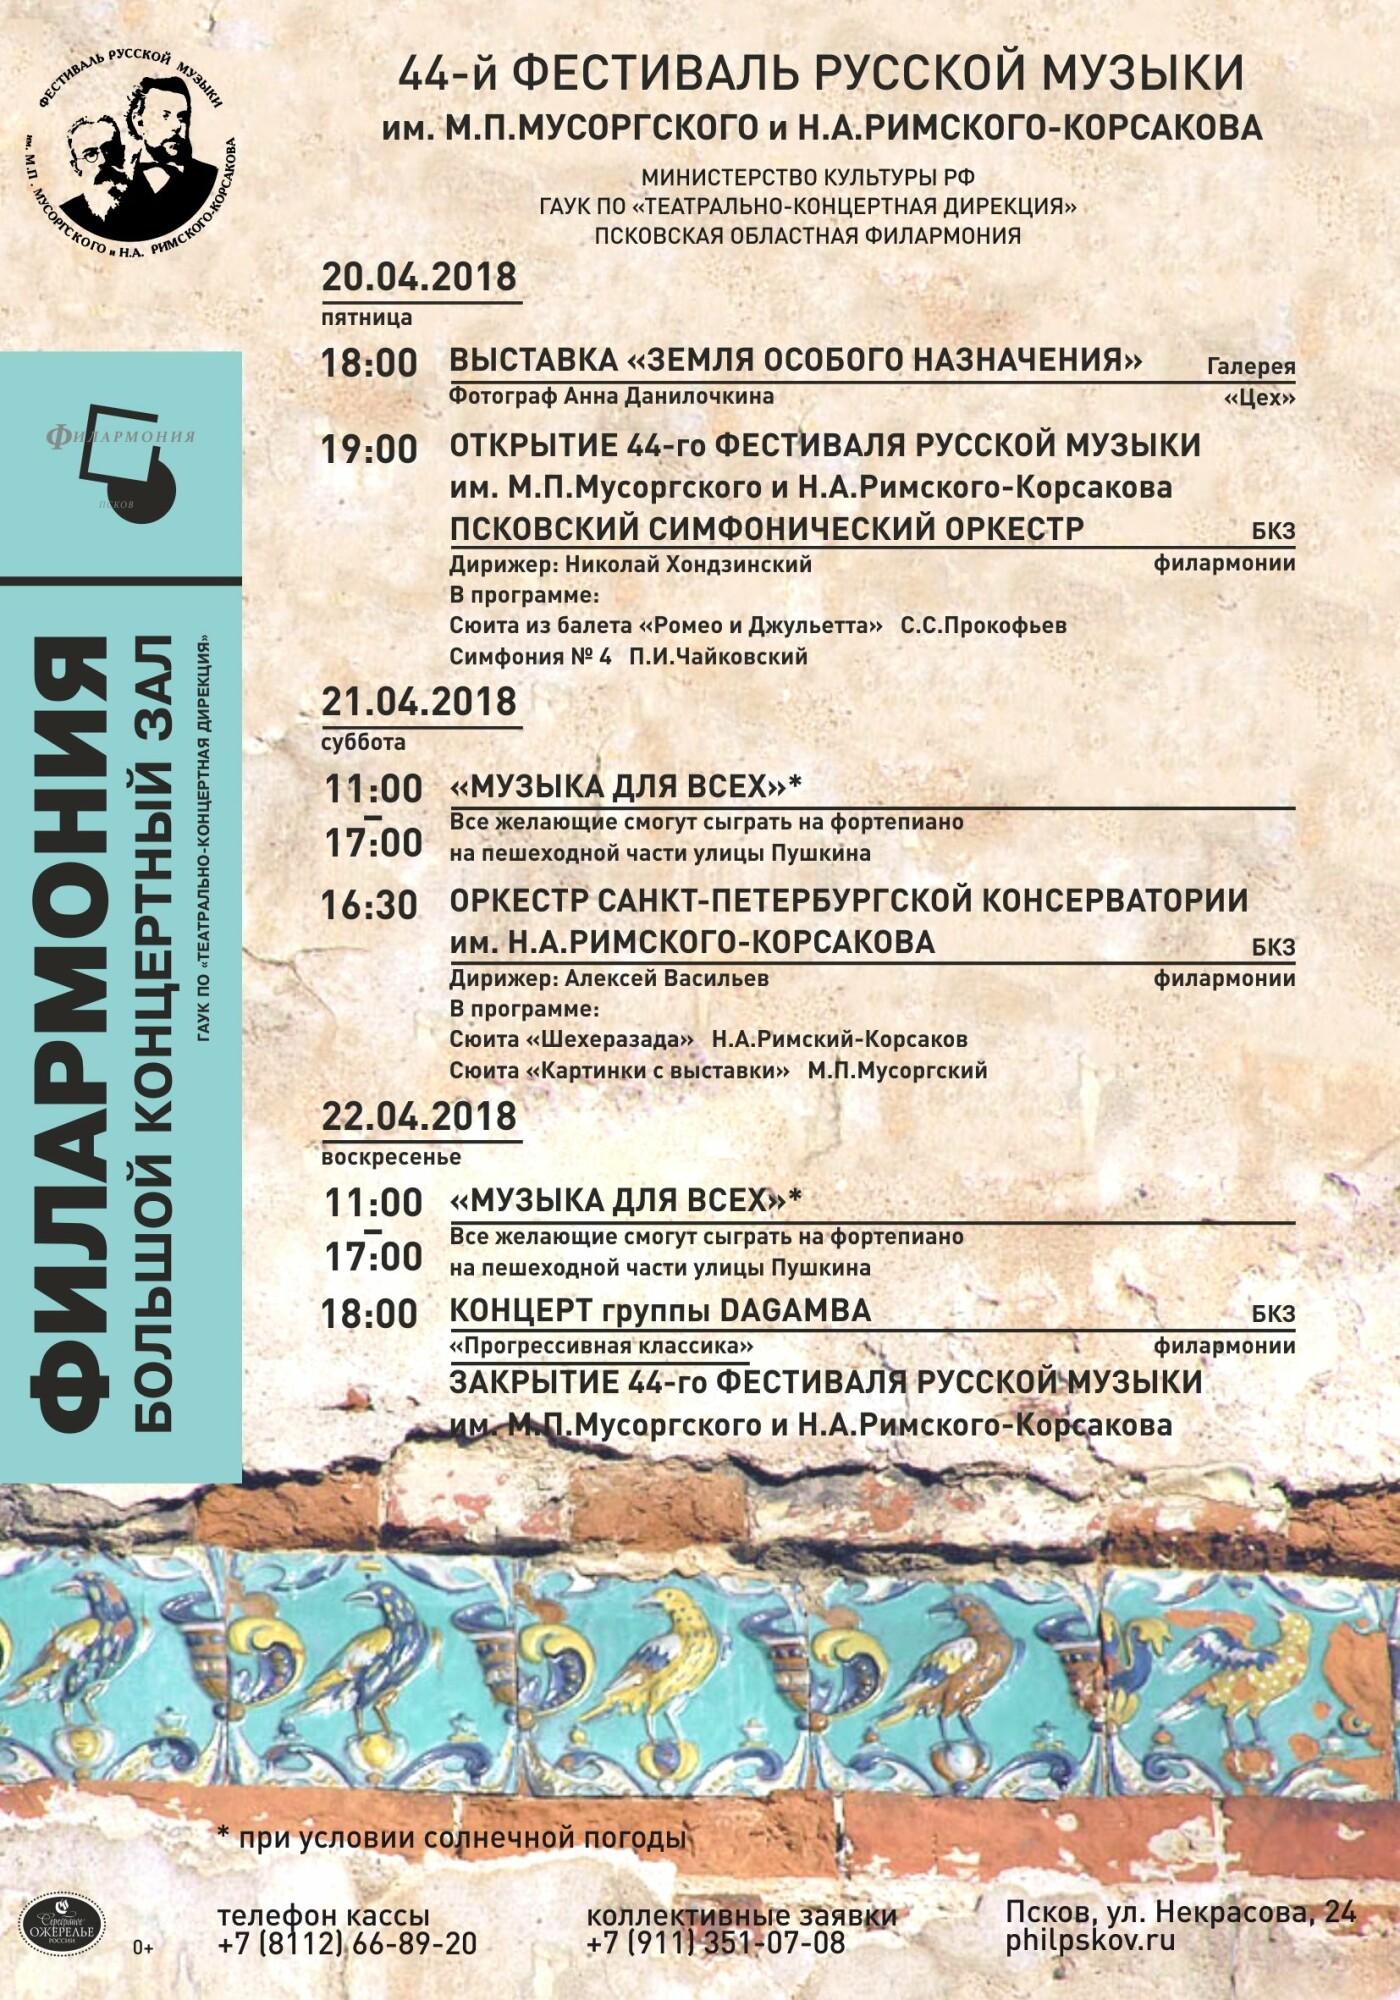 В конце апреля в Пскове пройдет 44 Фестиваль русской музыки, фото-1